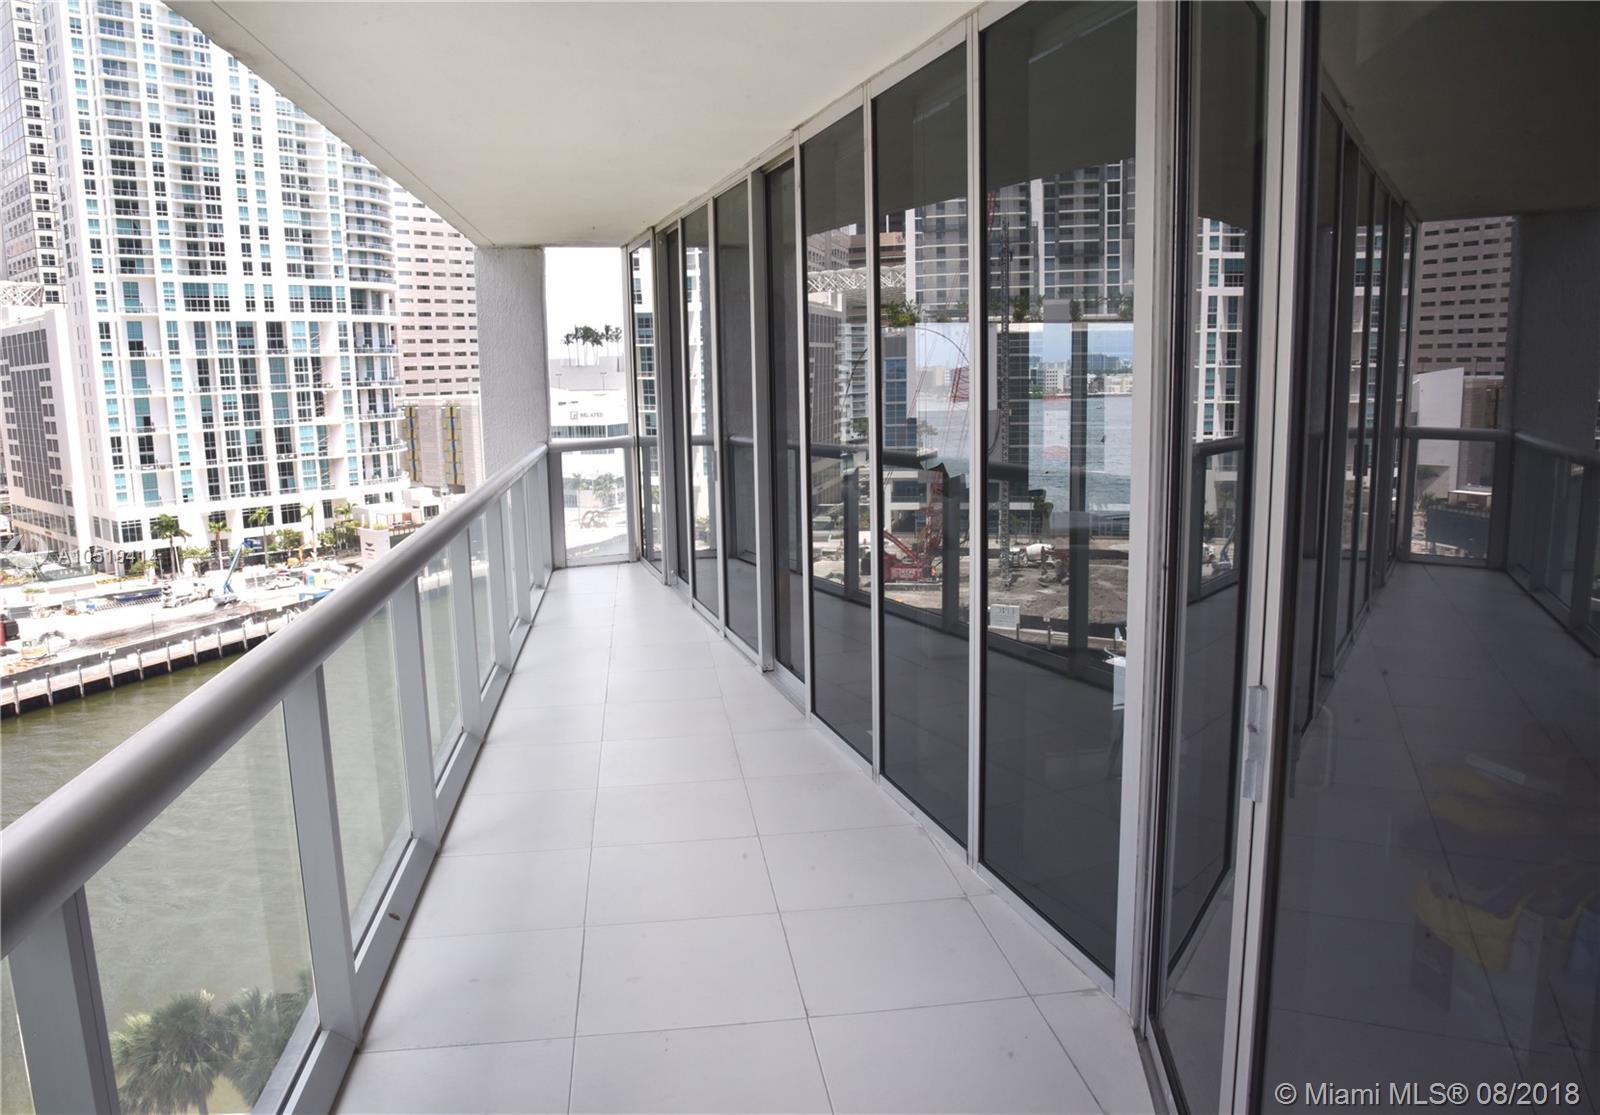 465 Brickell Ave, Miami, FL 33131, Icon Brickell I #1002, Brickell, Miami A10519414 image #20